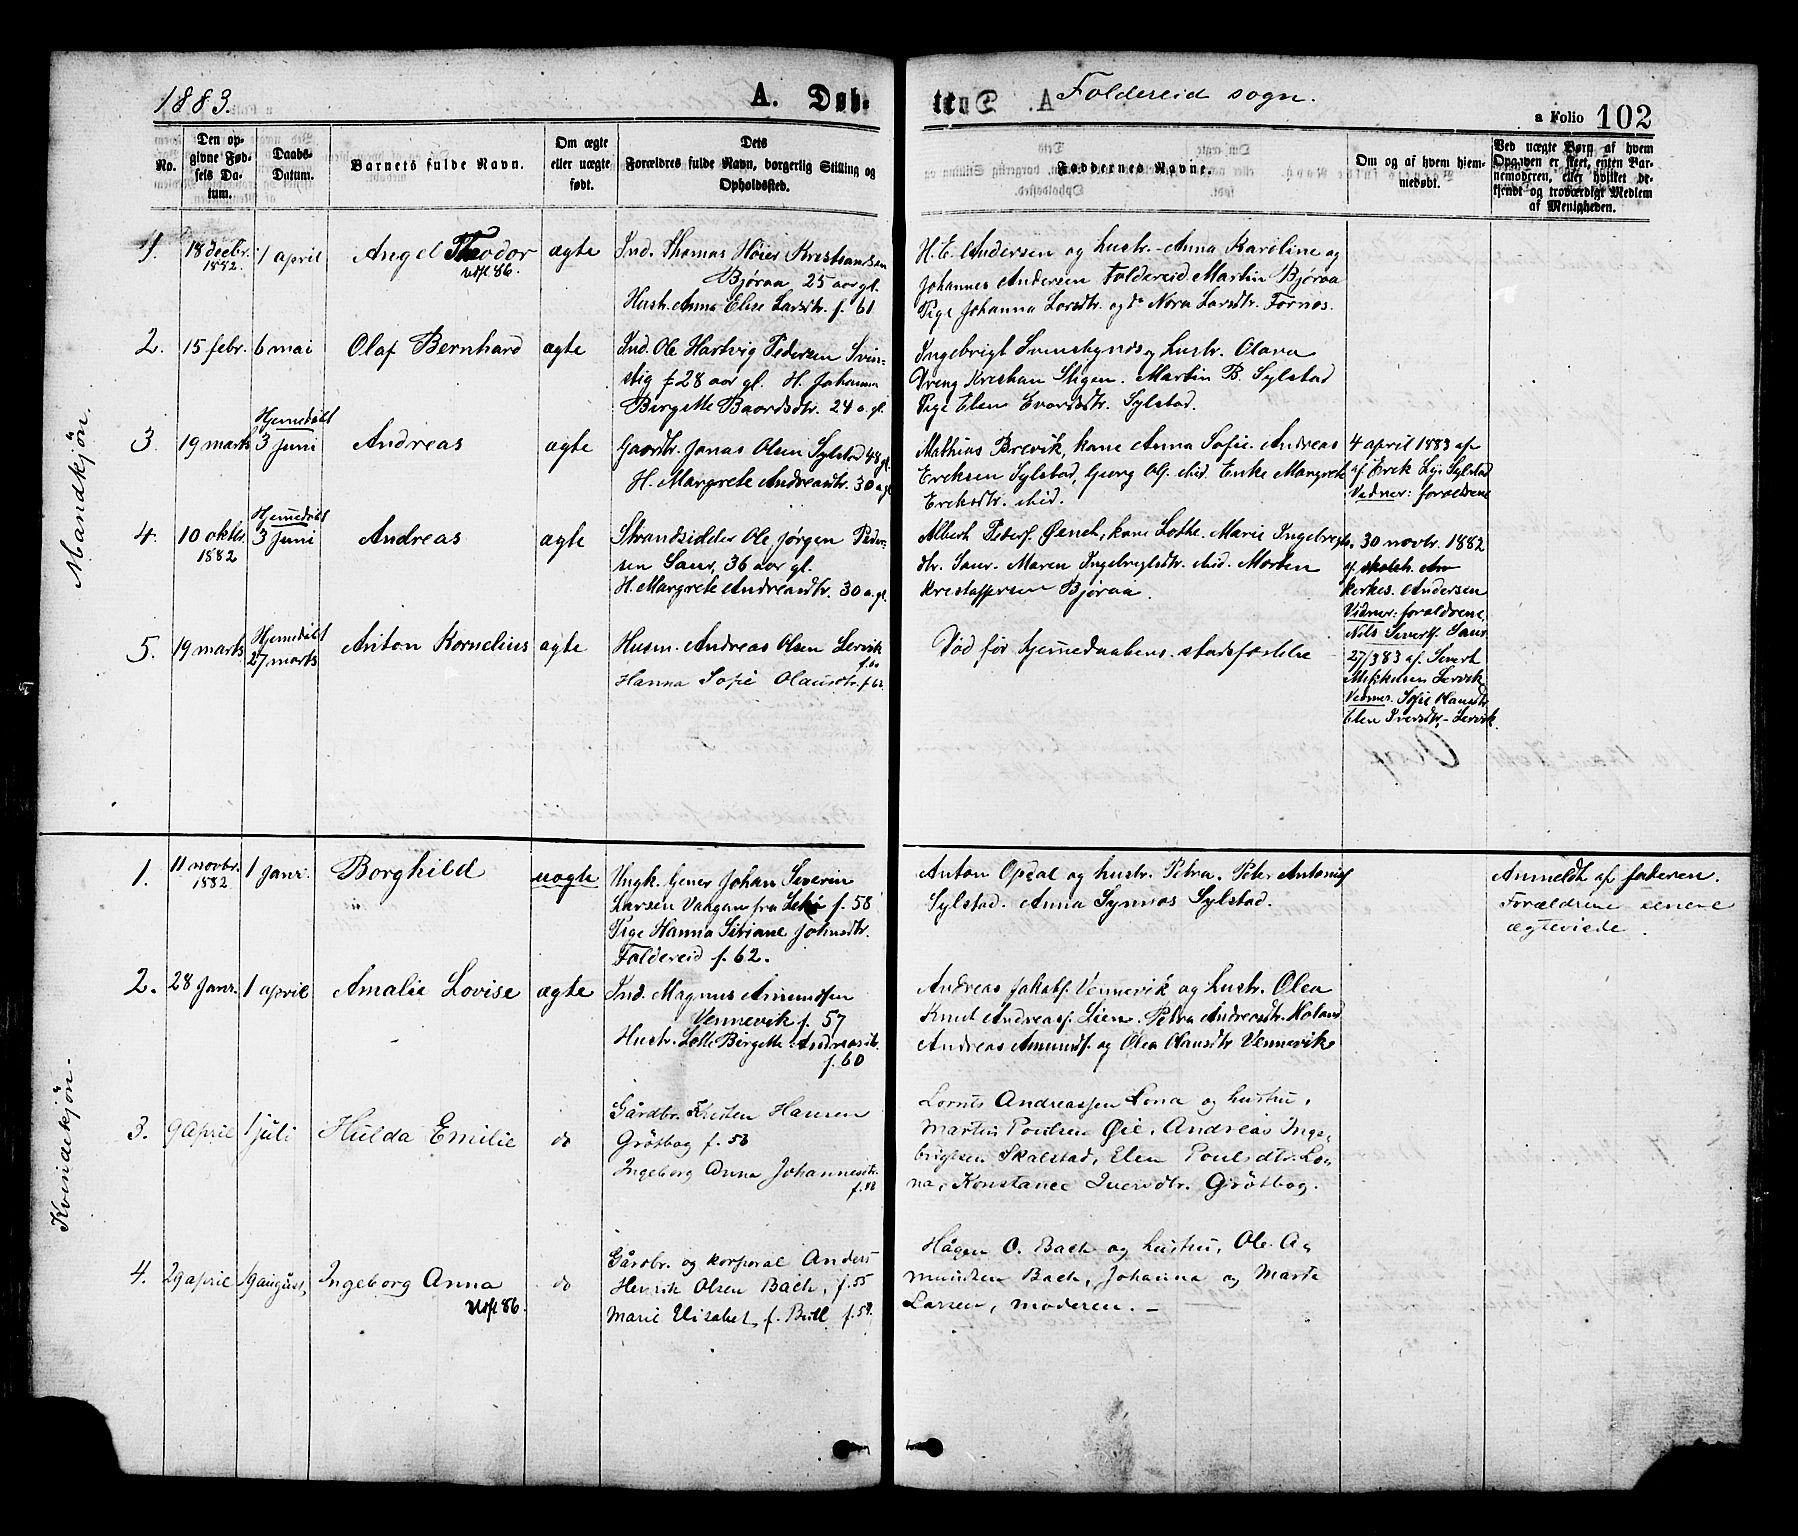 SAT, Ministerialprotokoller, klokkerbøker og fødselsregistre - Nord-Trøndelag, 780/L0642: Ministerialbok nr. 780A07 /2, 1878-1885, s. 102